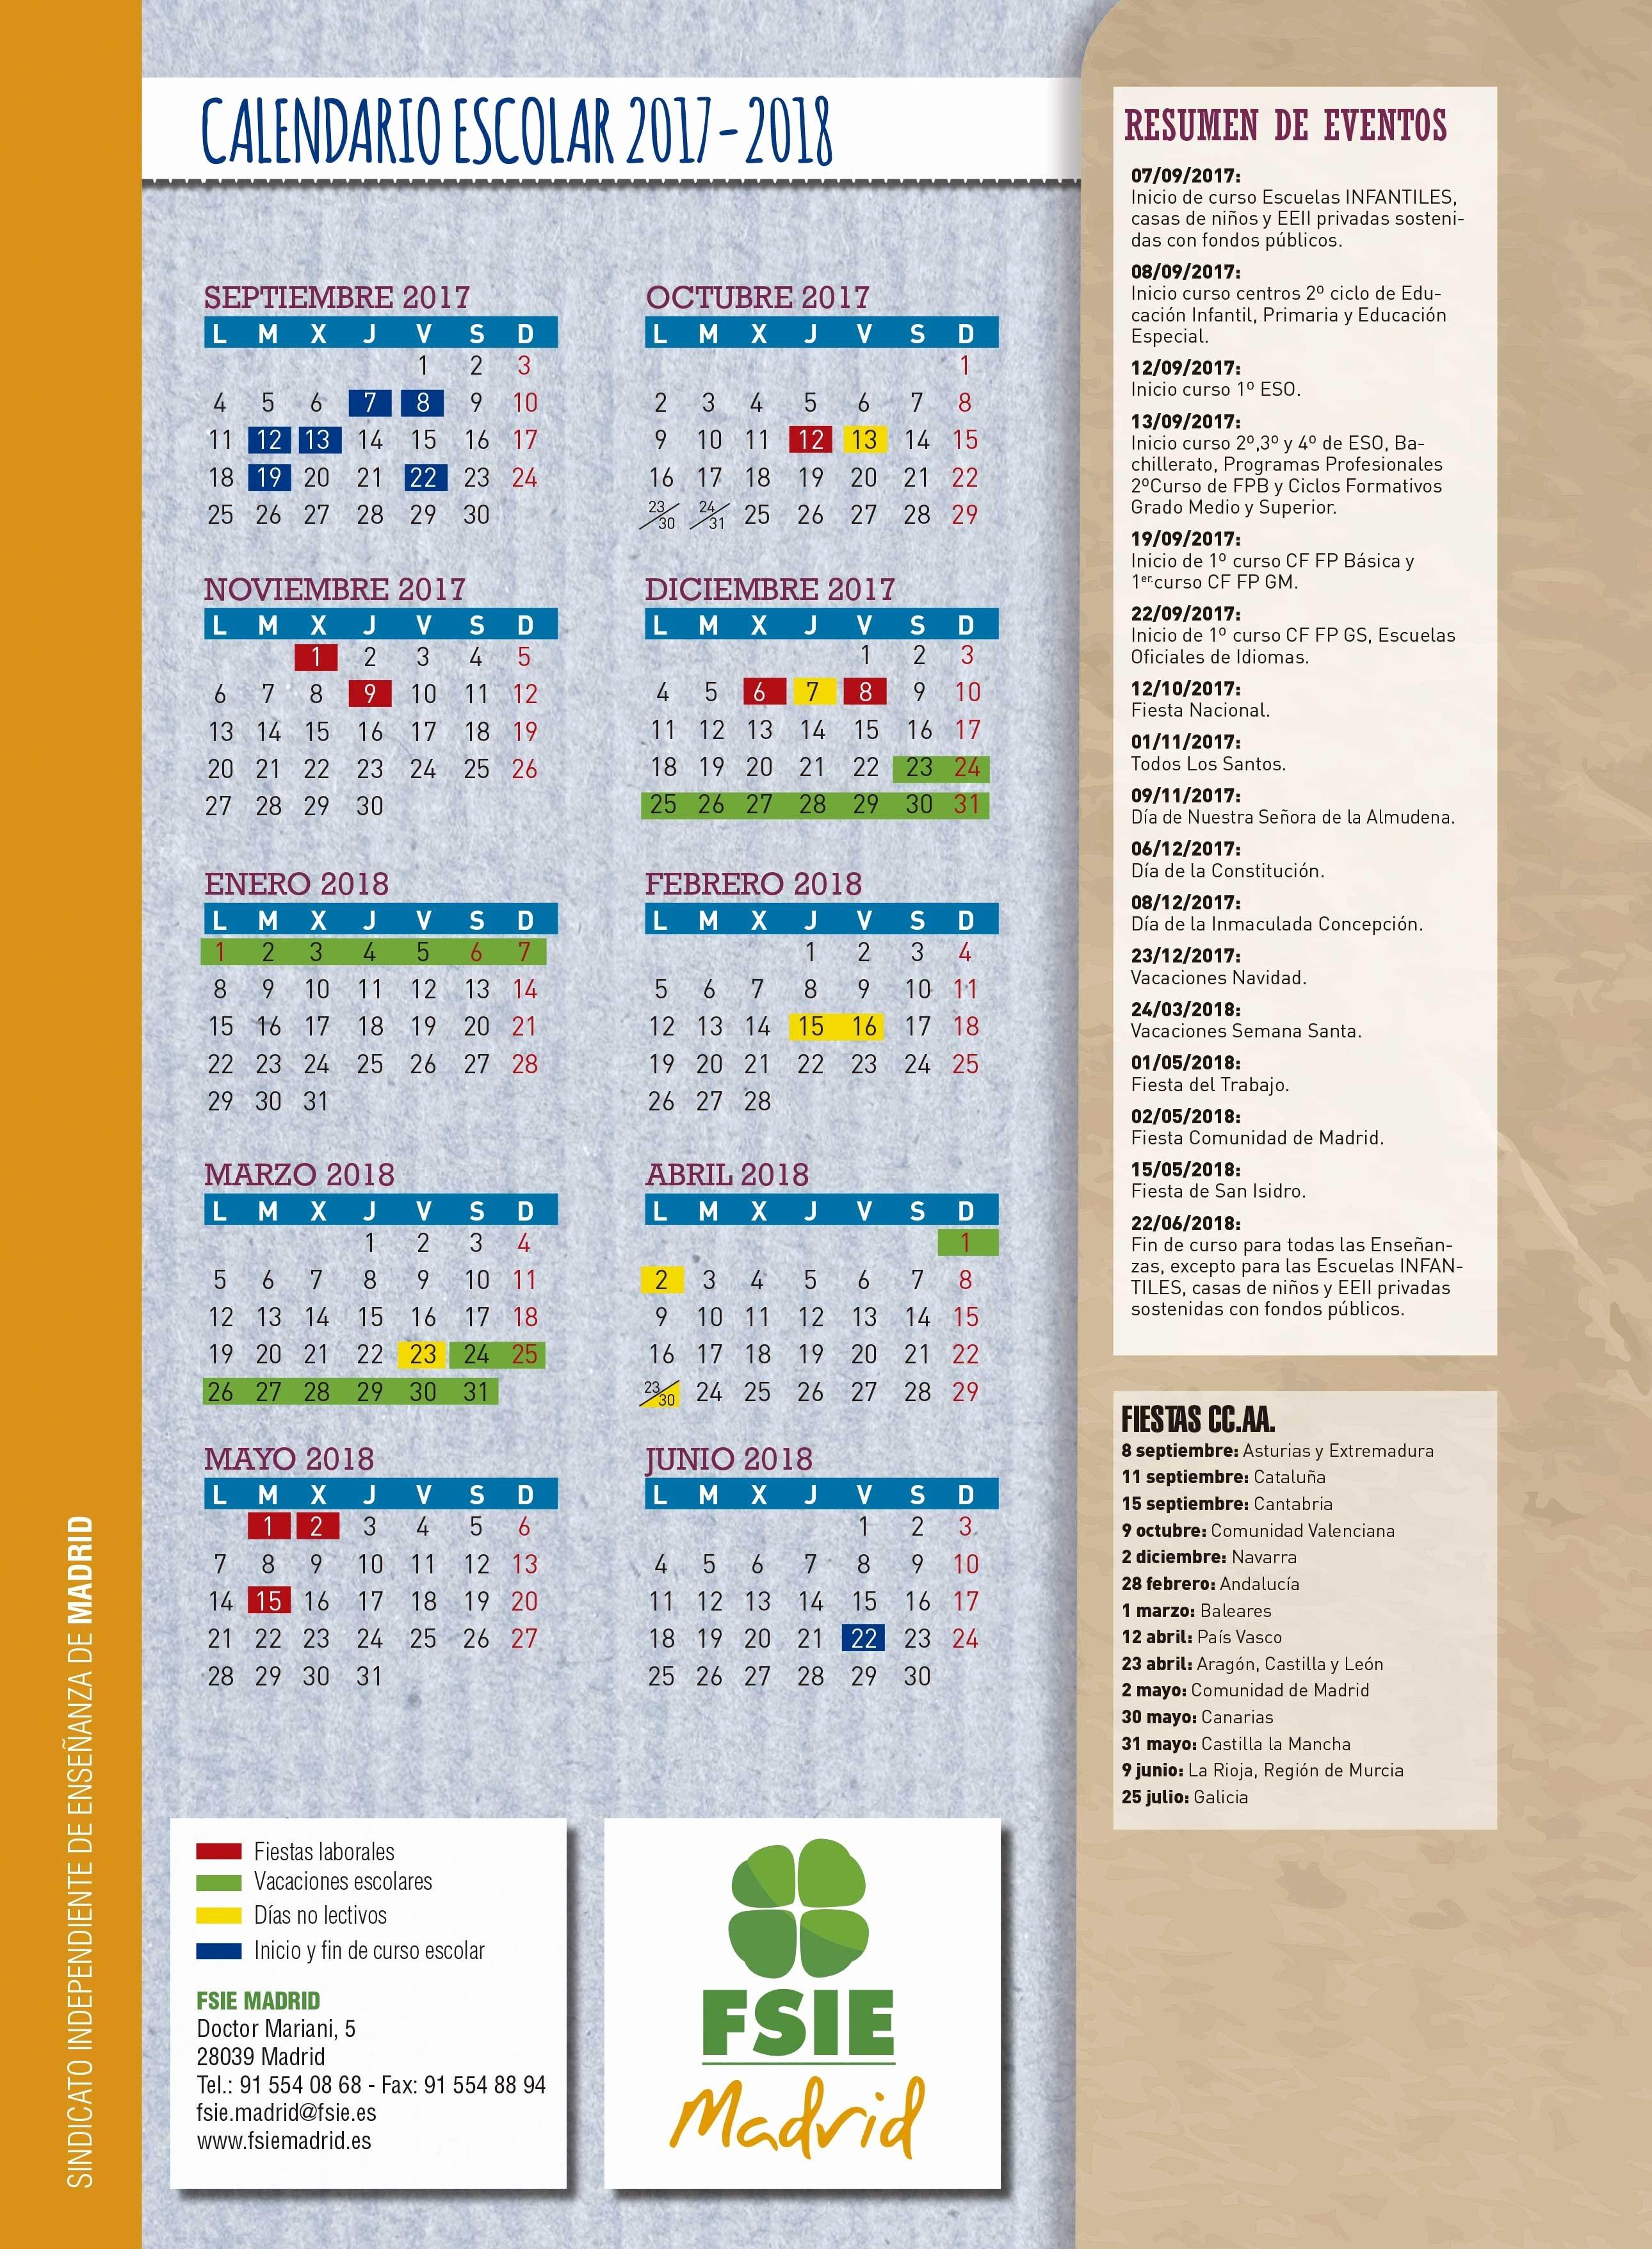 Bundesliga 2 Calendario 2019 Más Reciente Es Calendario 2019 Con Festivos Usa Of Bundesliga 2 Calendario 2019 Más Actual Moto Gp Jadwal Ga Works